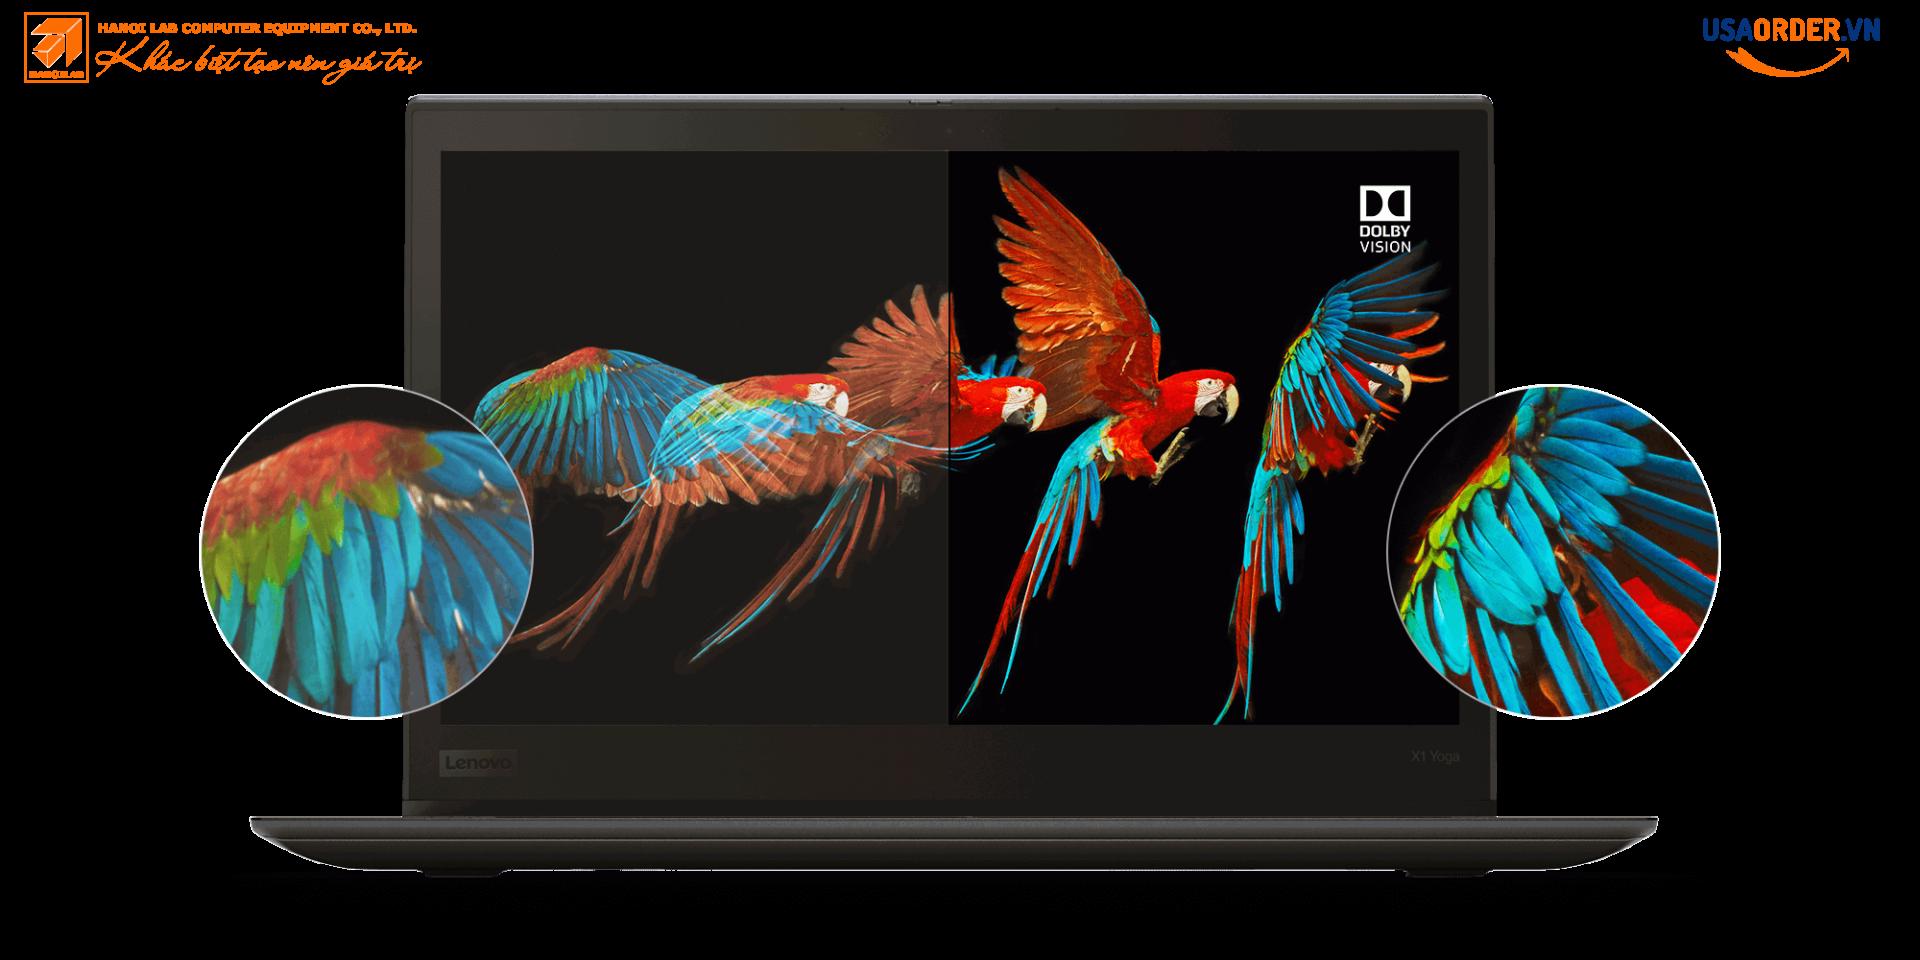 Màn hình hiển thị Yoga ThinkPad X1 của Lenovo ThinkPad X1 với Dolby Vision, hiển thị chi tiết tuyệt vời và độ chính xác màu sắc của đôi cánh vẹt trong chuyến bay.